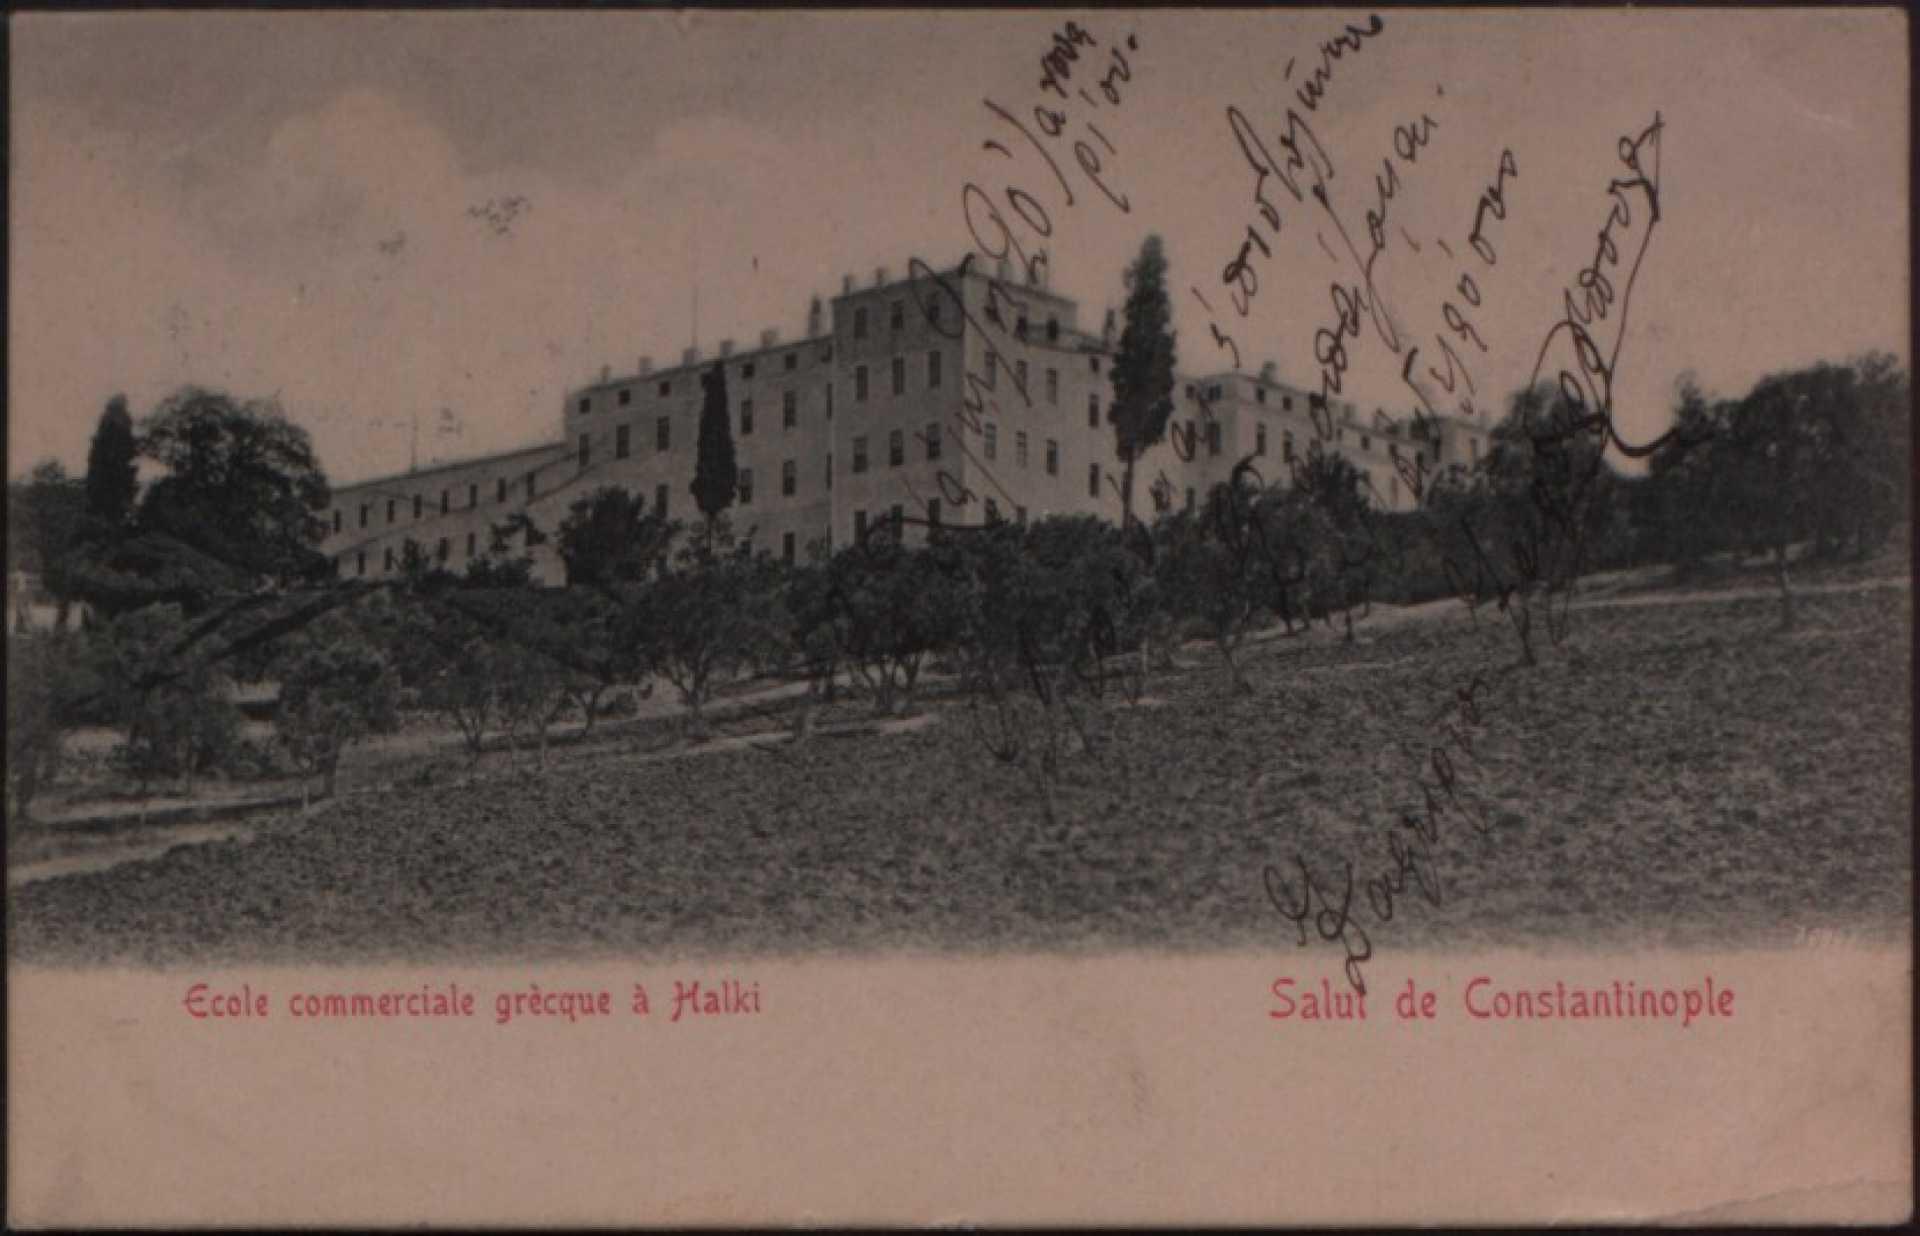 Ecole commerciale grecque a Halki